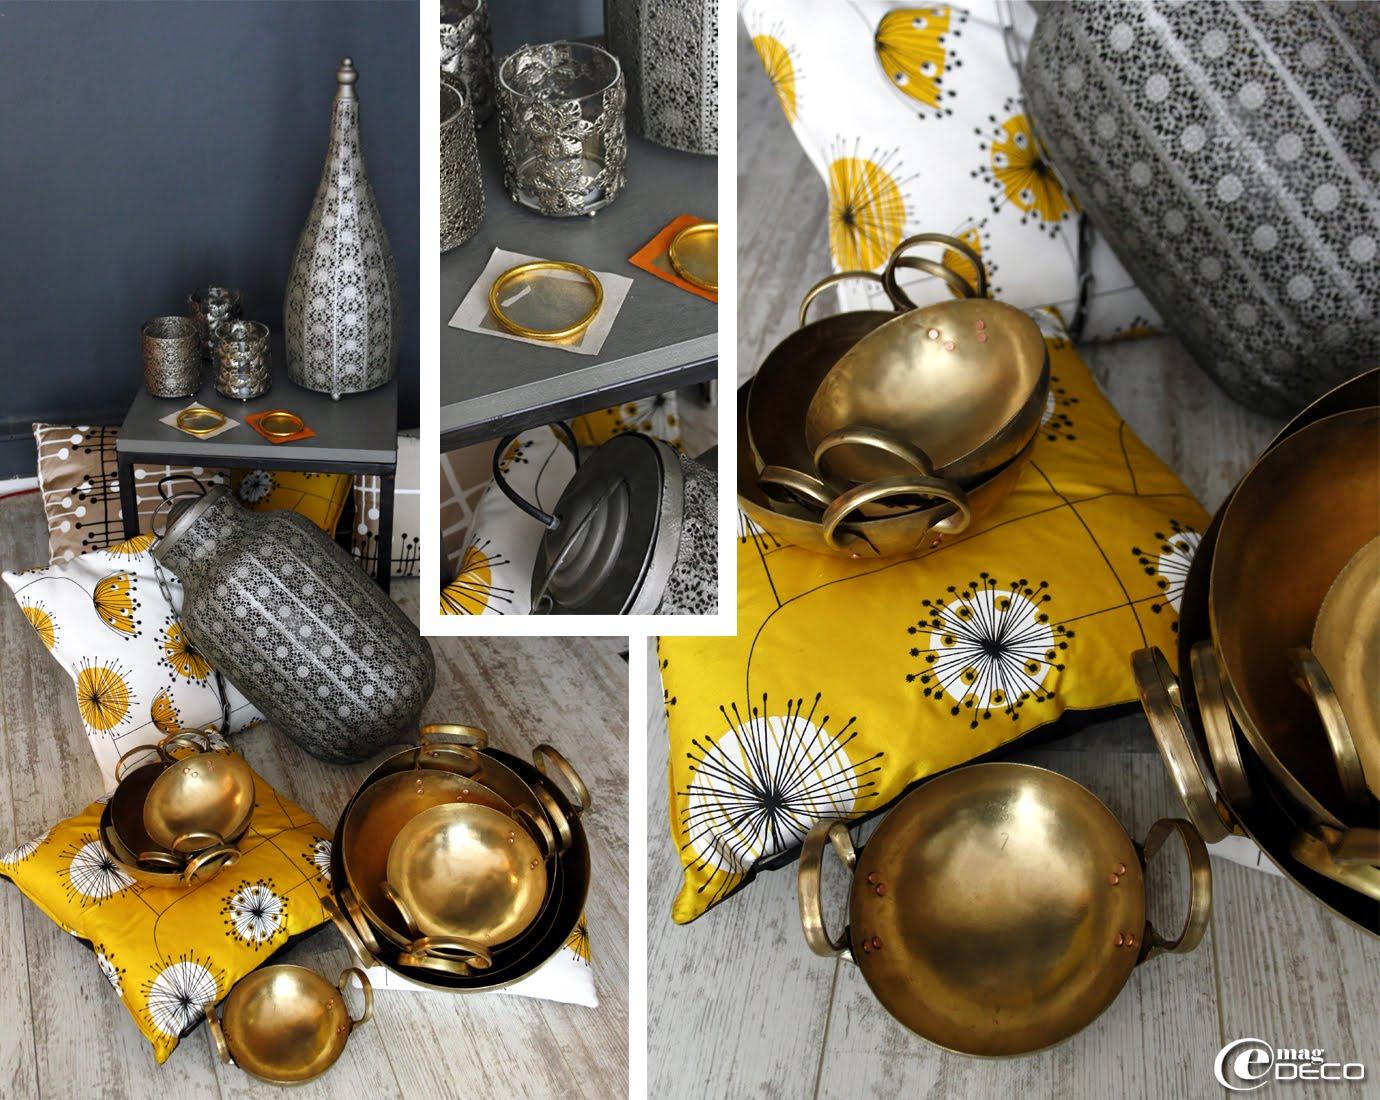 Bracelets 'Bollywood' recouverts de feuilles d'or des temples indiens, coussins en soie 'Miss Print' imprimés à la main, woks traditionnels thaïlandais